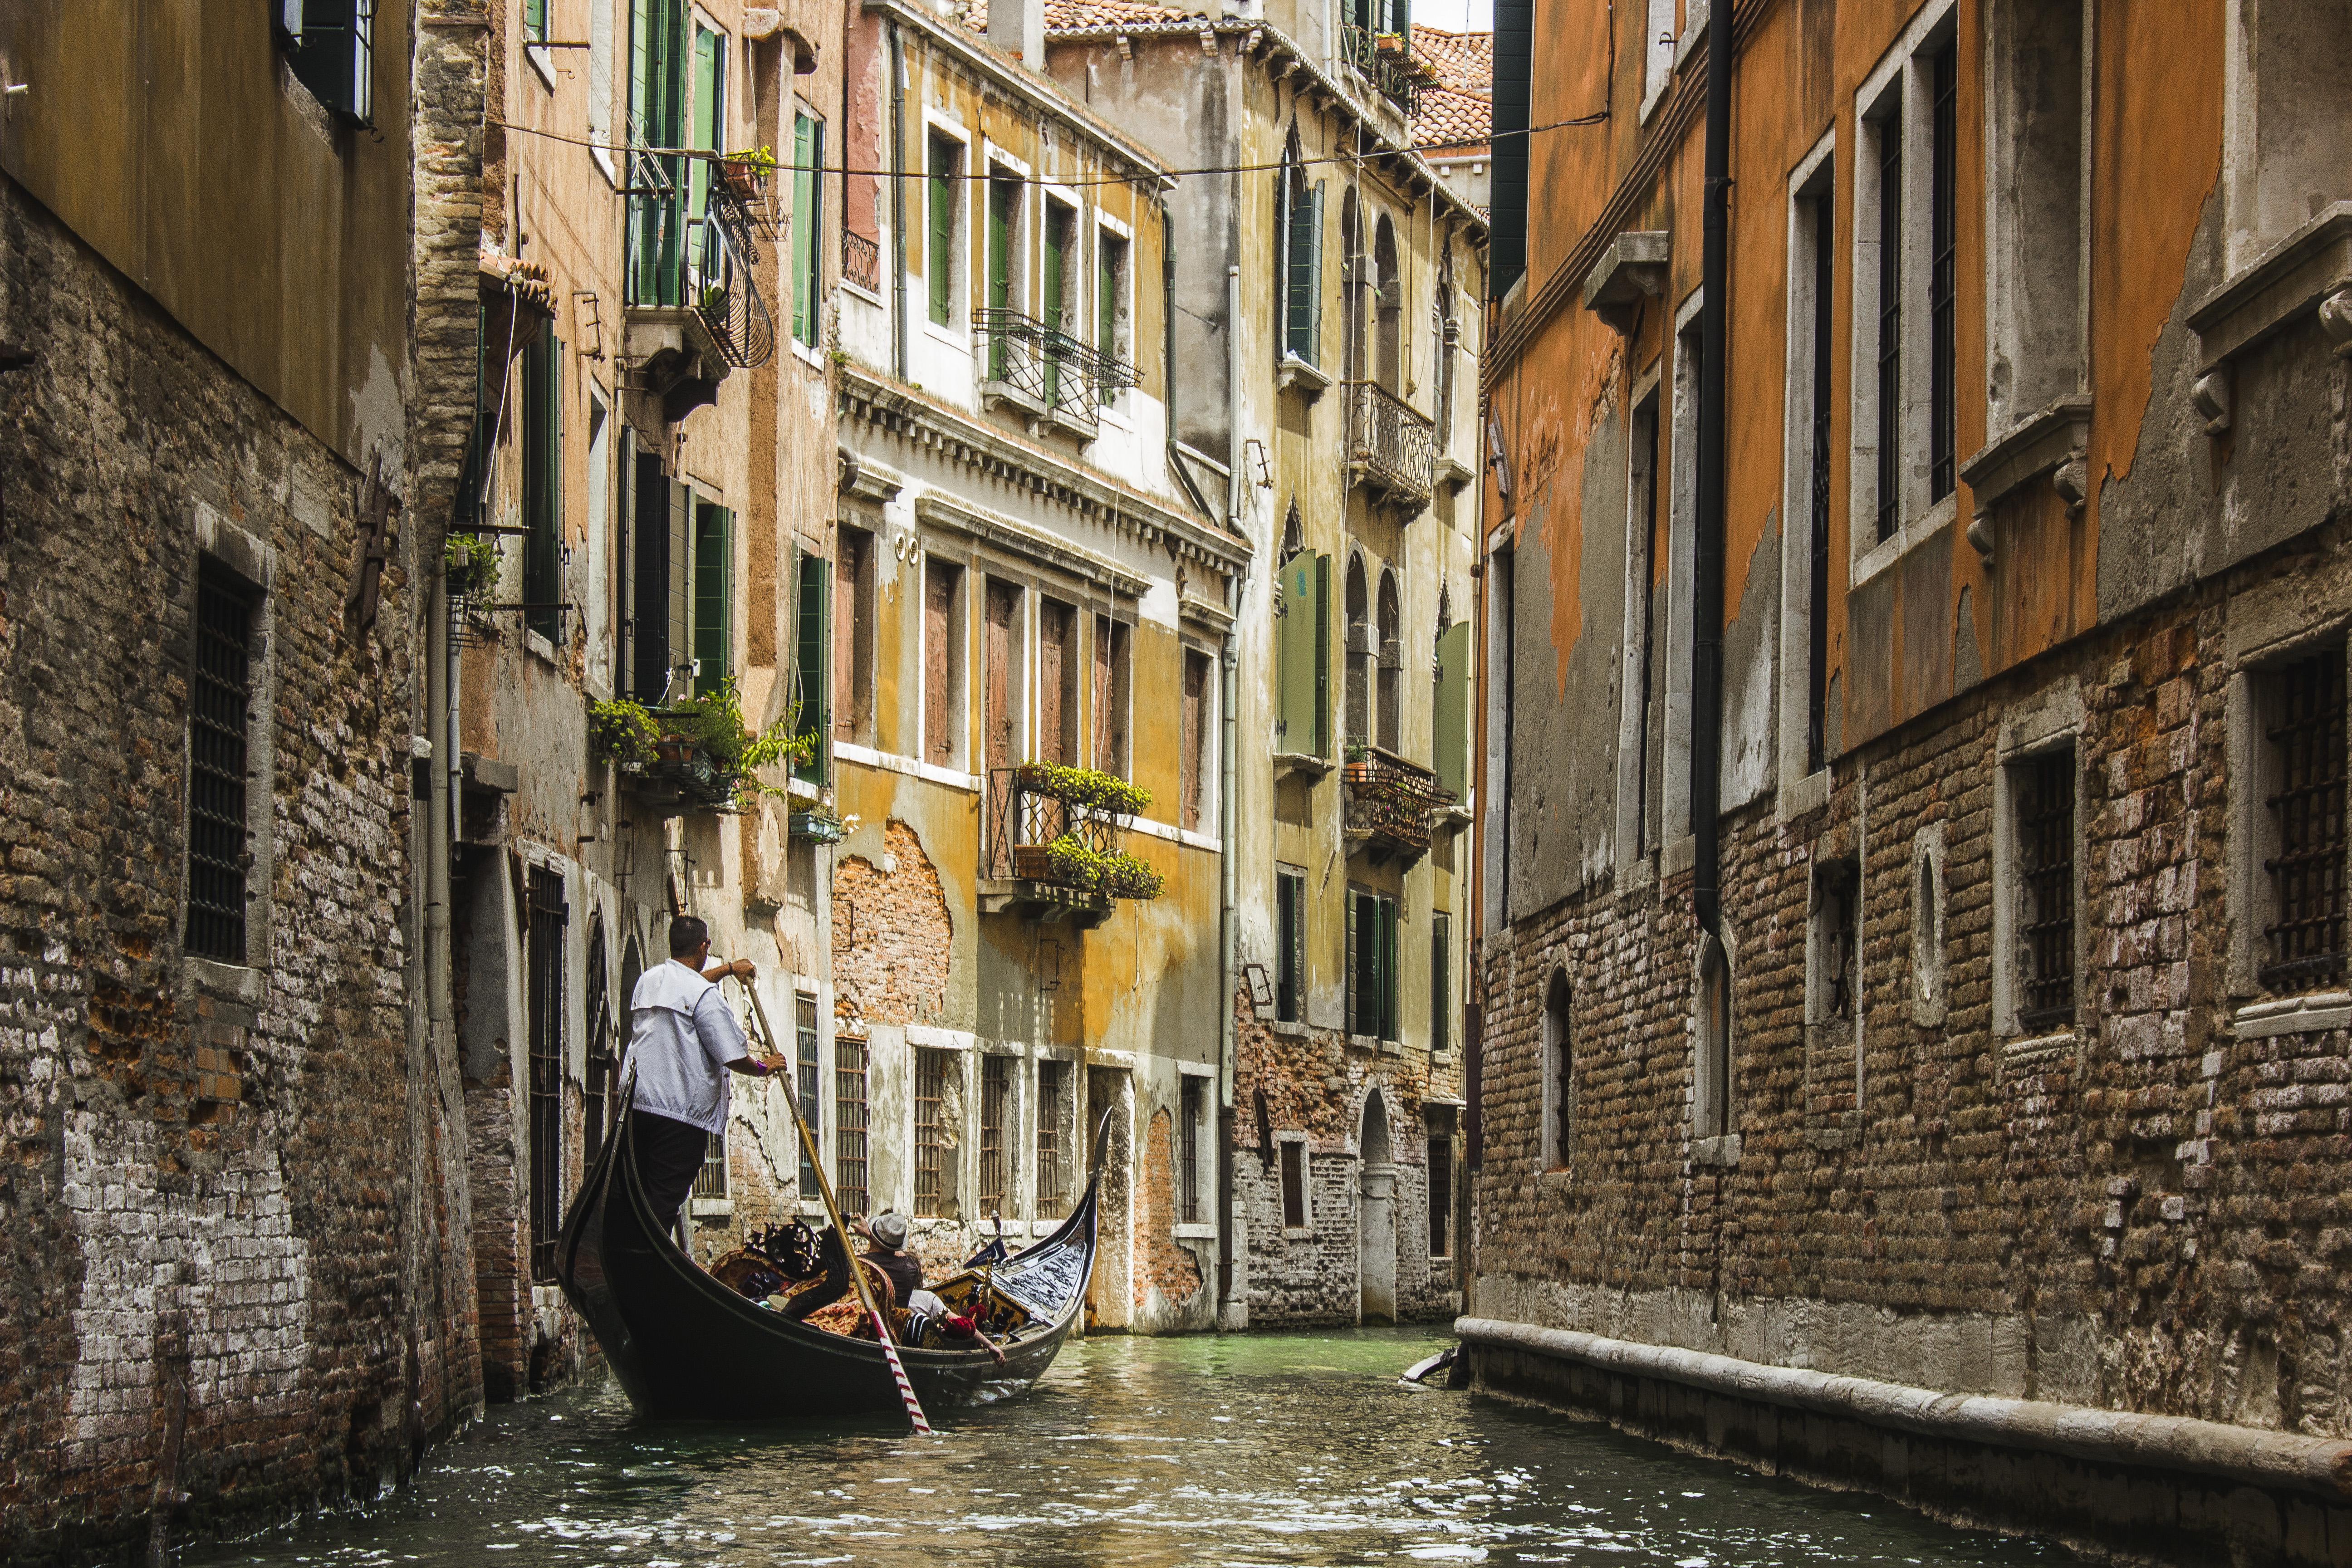 Hintergrundbilder : Boot, Straße, Italien, Wasser, Venedig ...